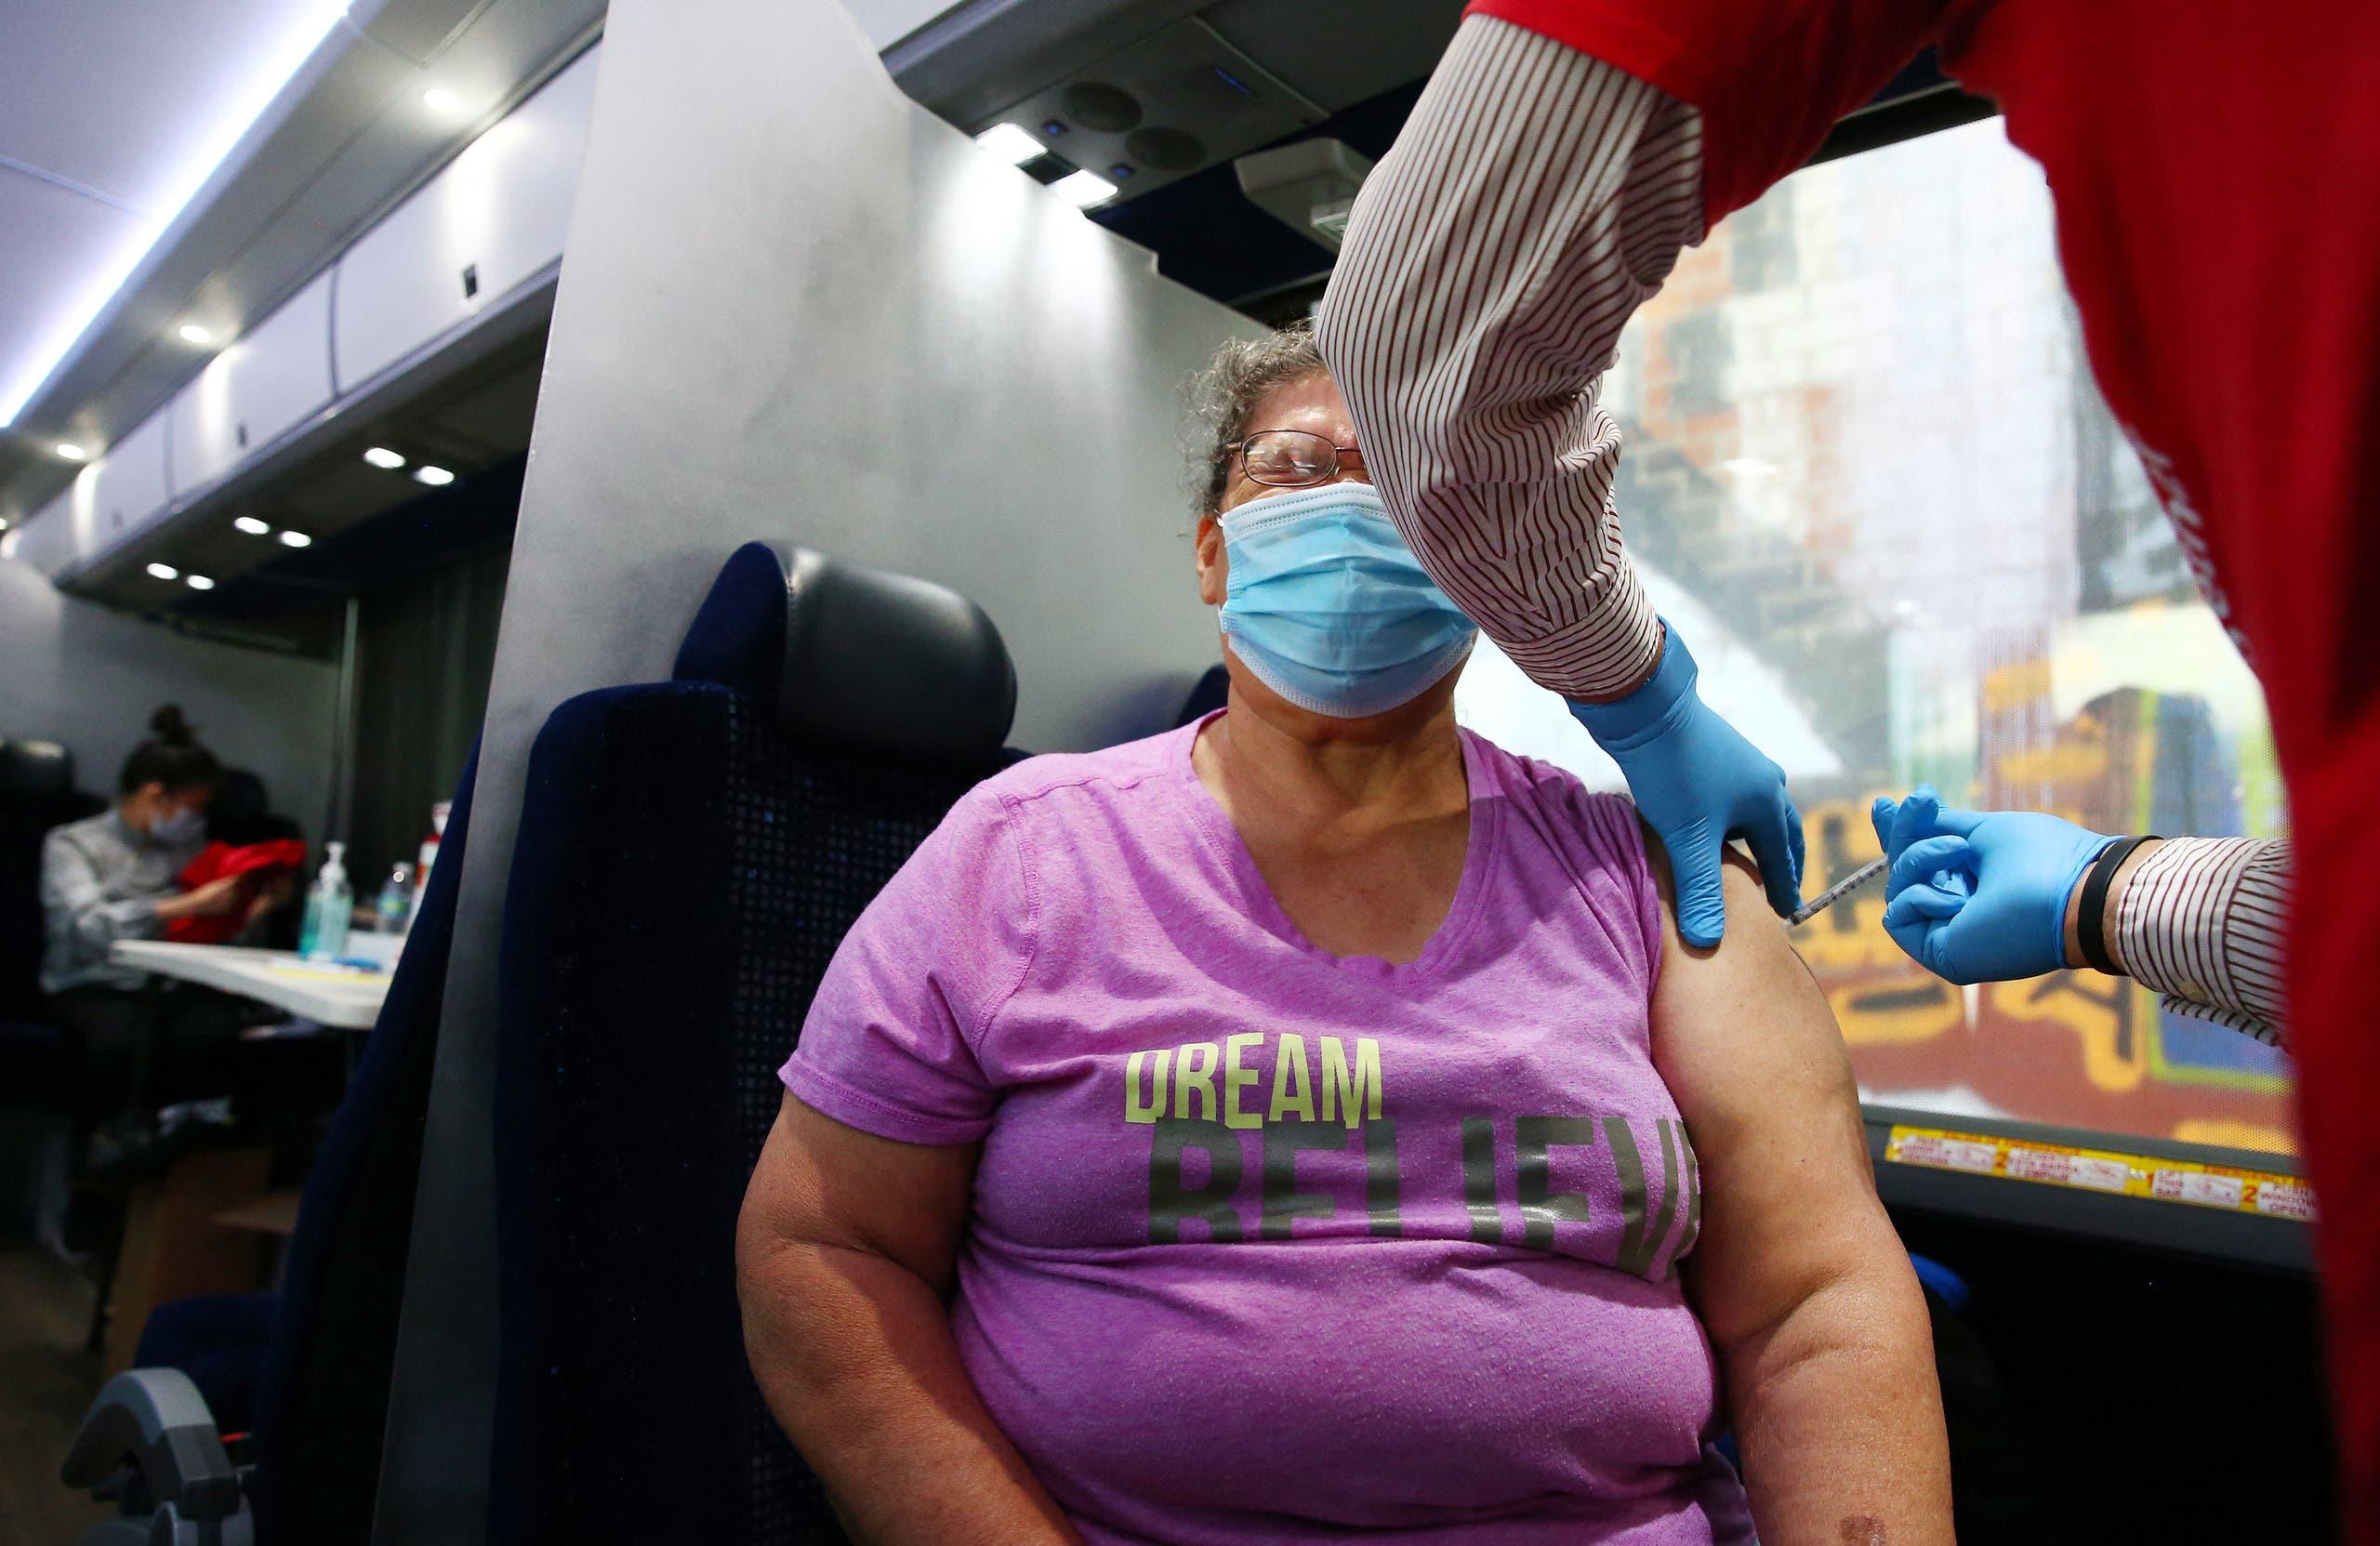 من حملة التطعيم ضد كورونا في الولايات المتحدة